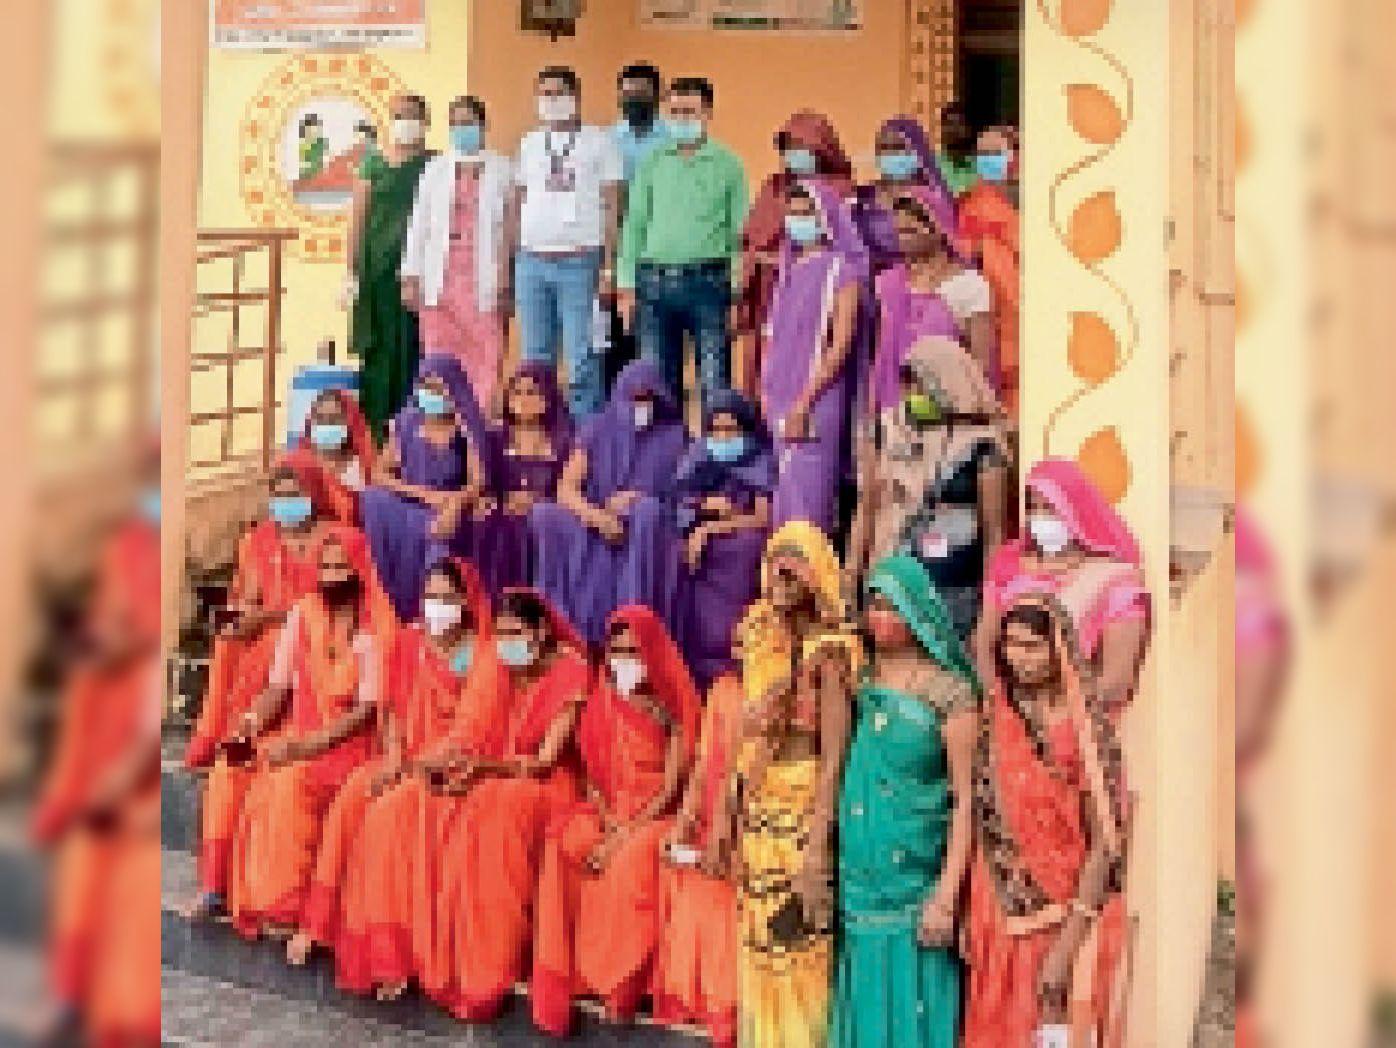 ग्राम पंचायत मठमठ में पहला डोज का लक्ष्य पूरा करने के बाद टीम। - Dainik Bhaskar